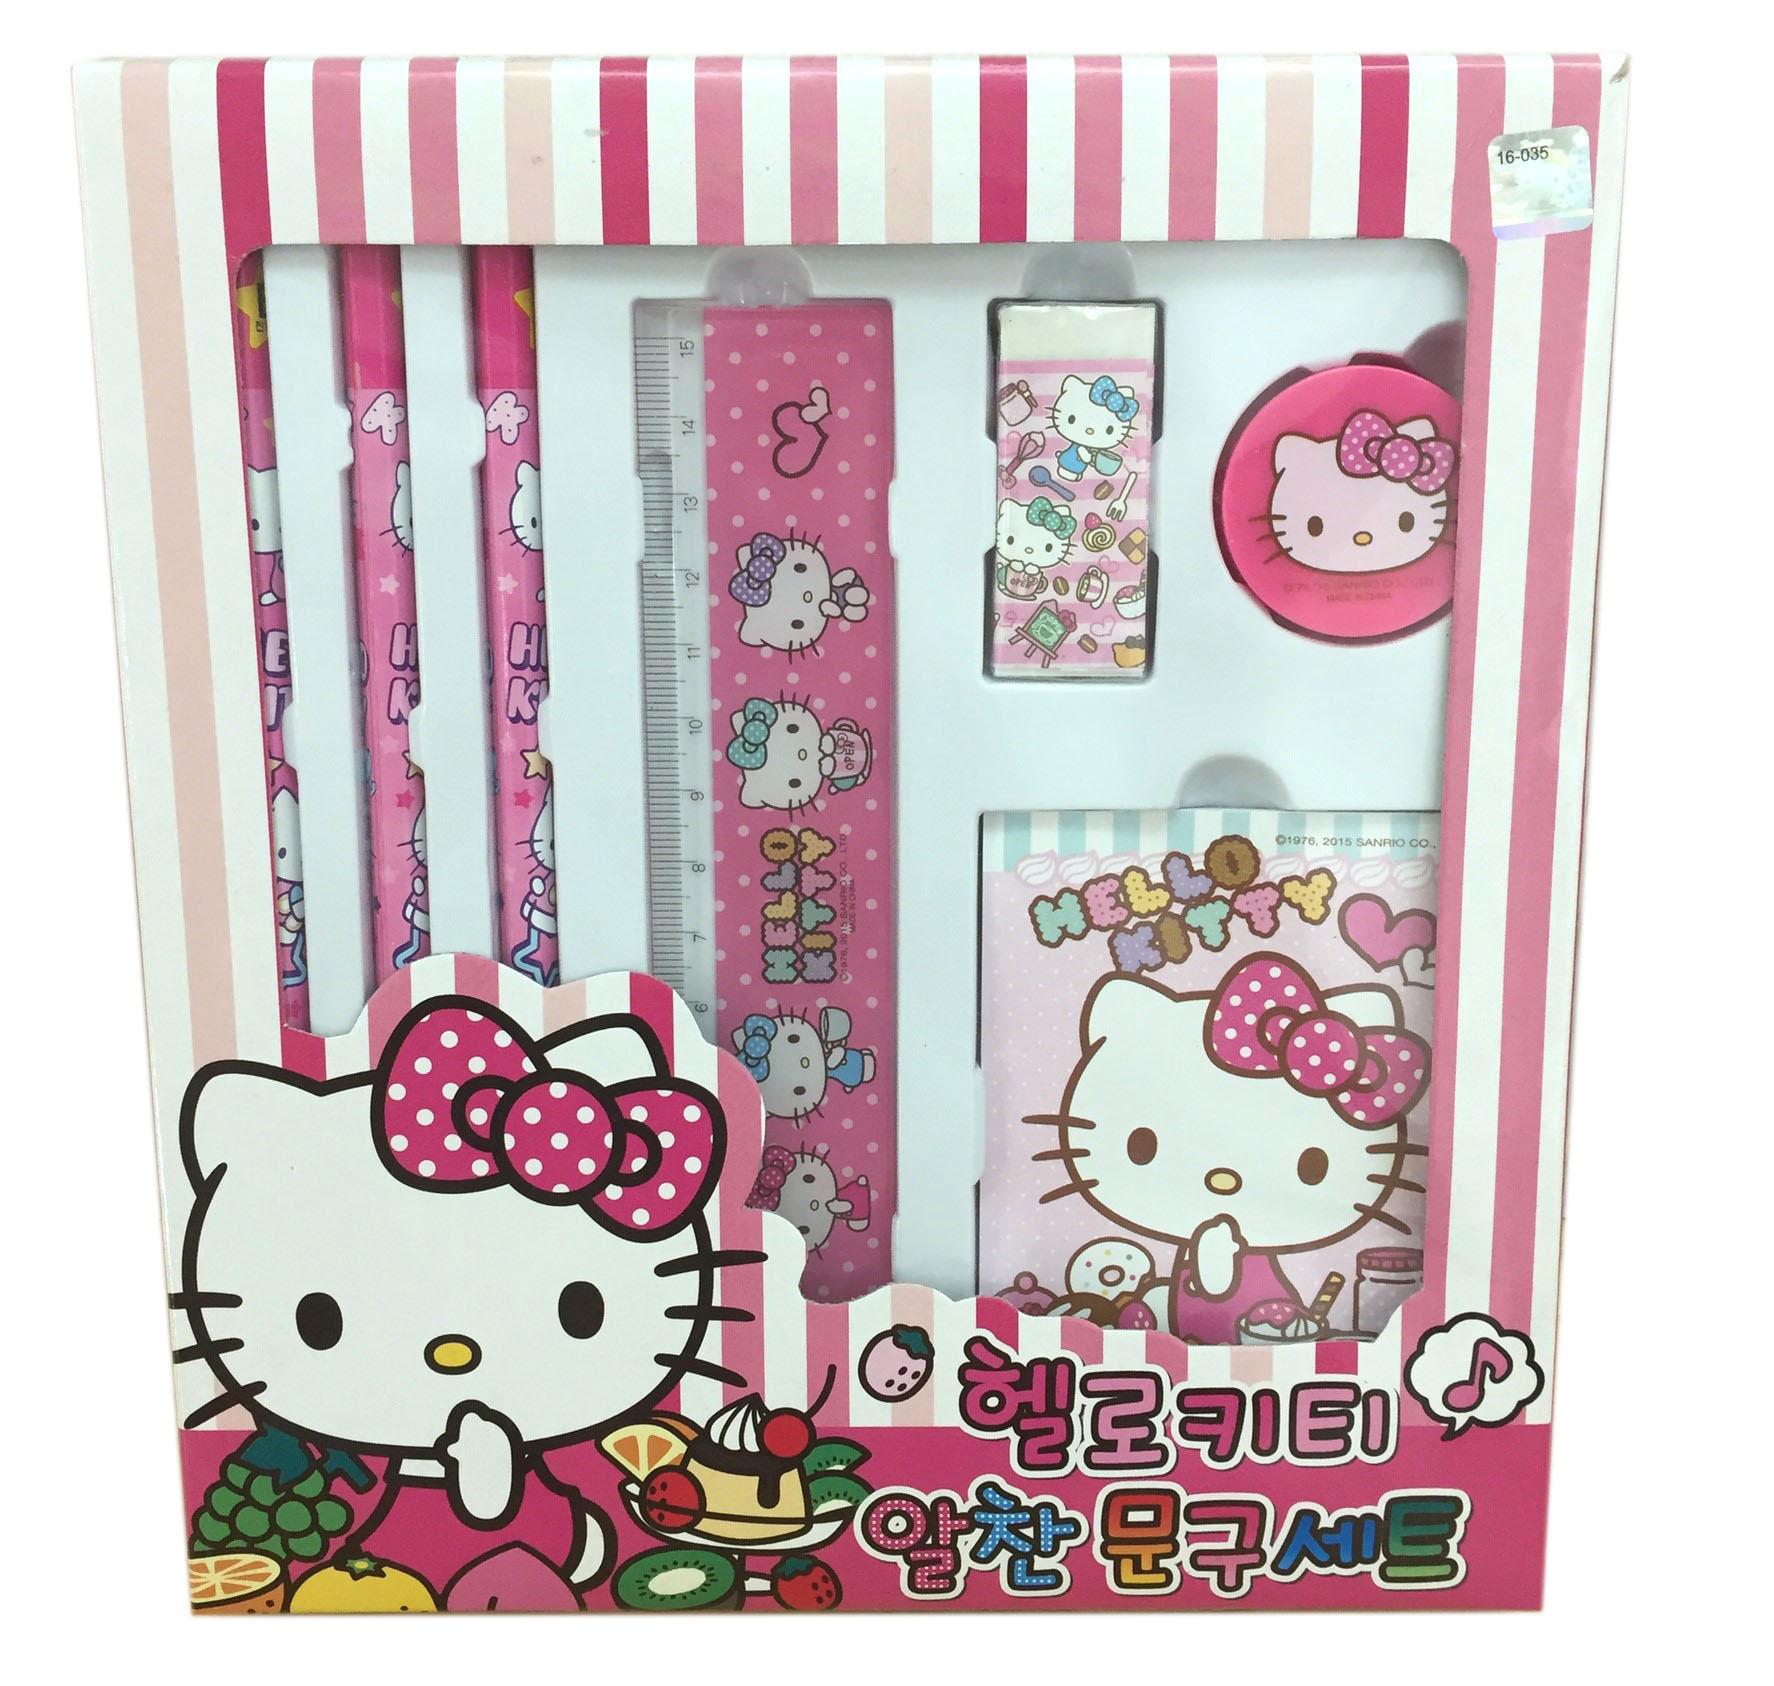 【真愛日本】16071200013文具組-KT水果紅    三麗鷗 Hello Kitty 凱蒂貓 文具用品